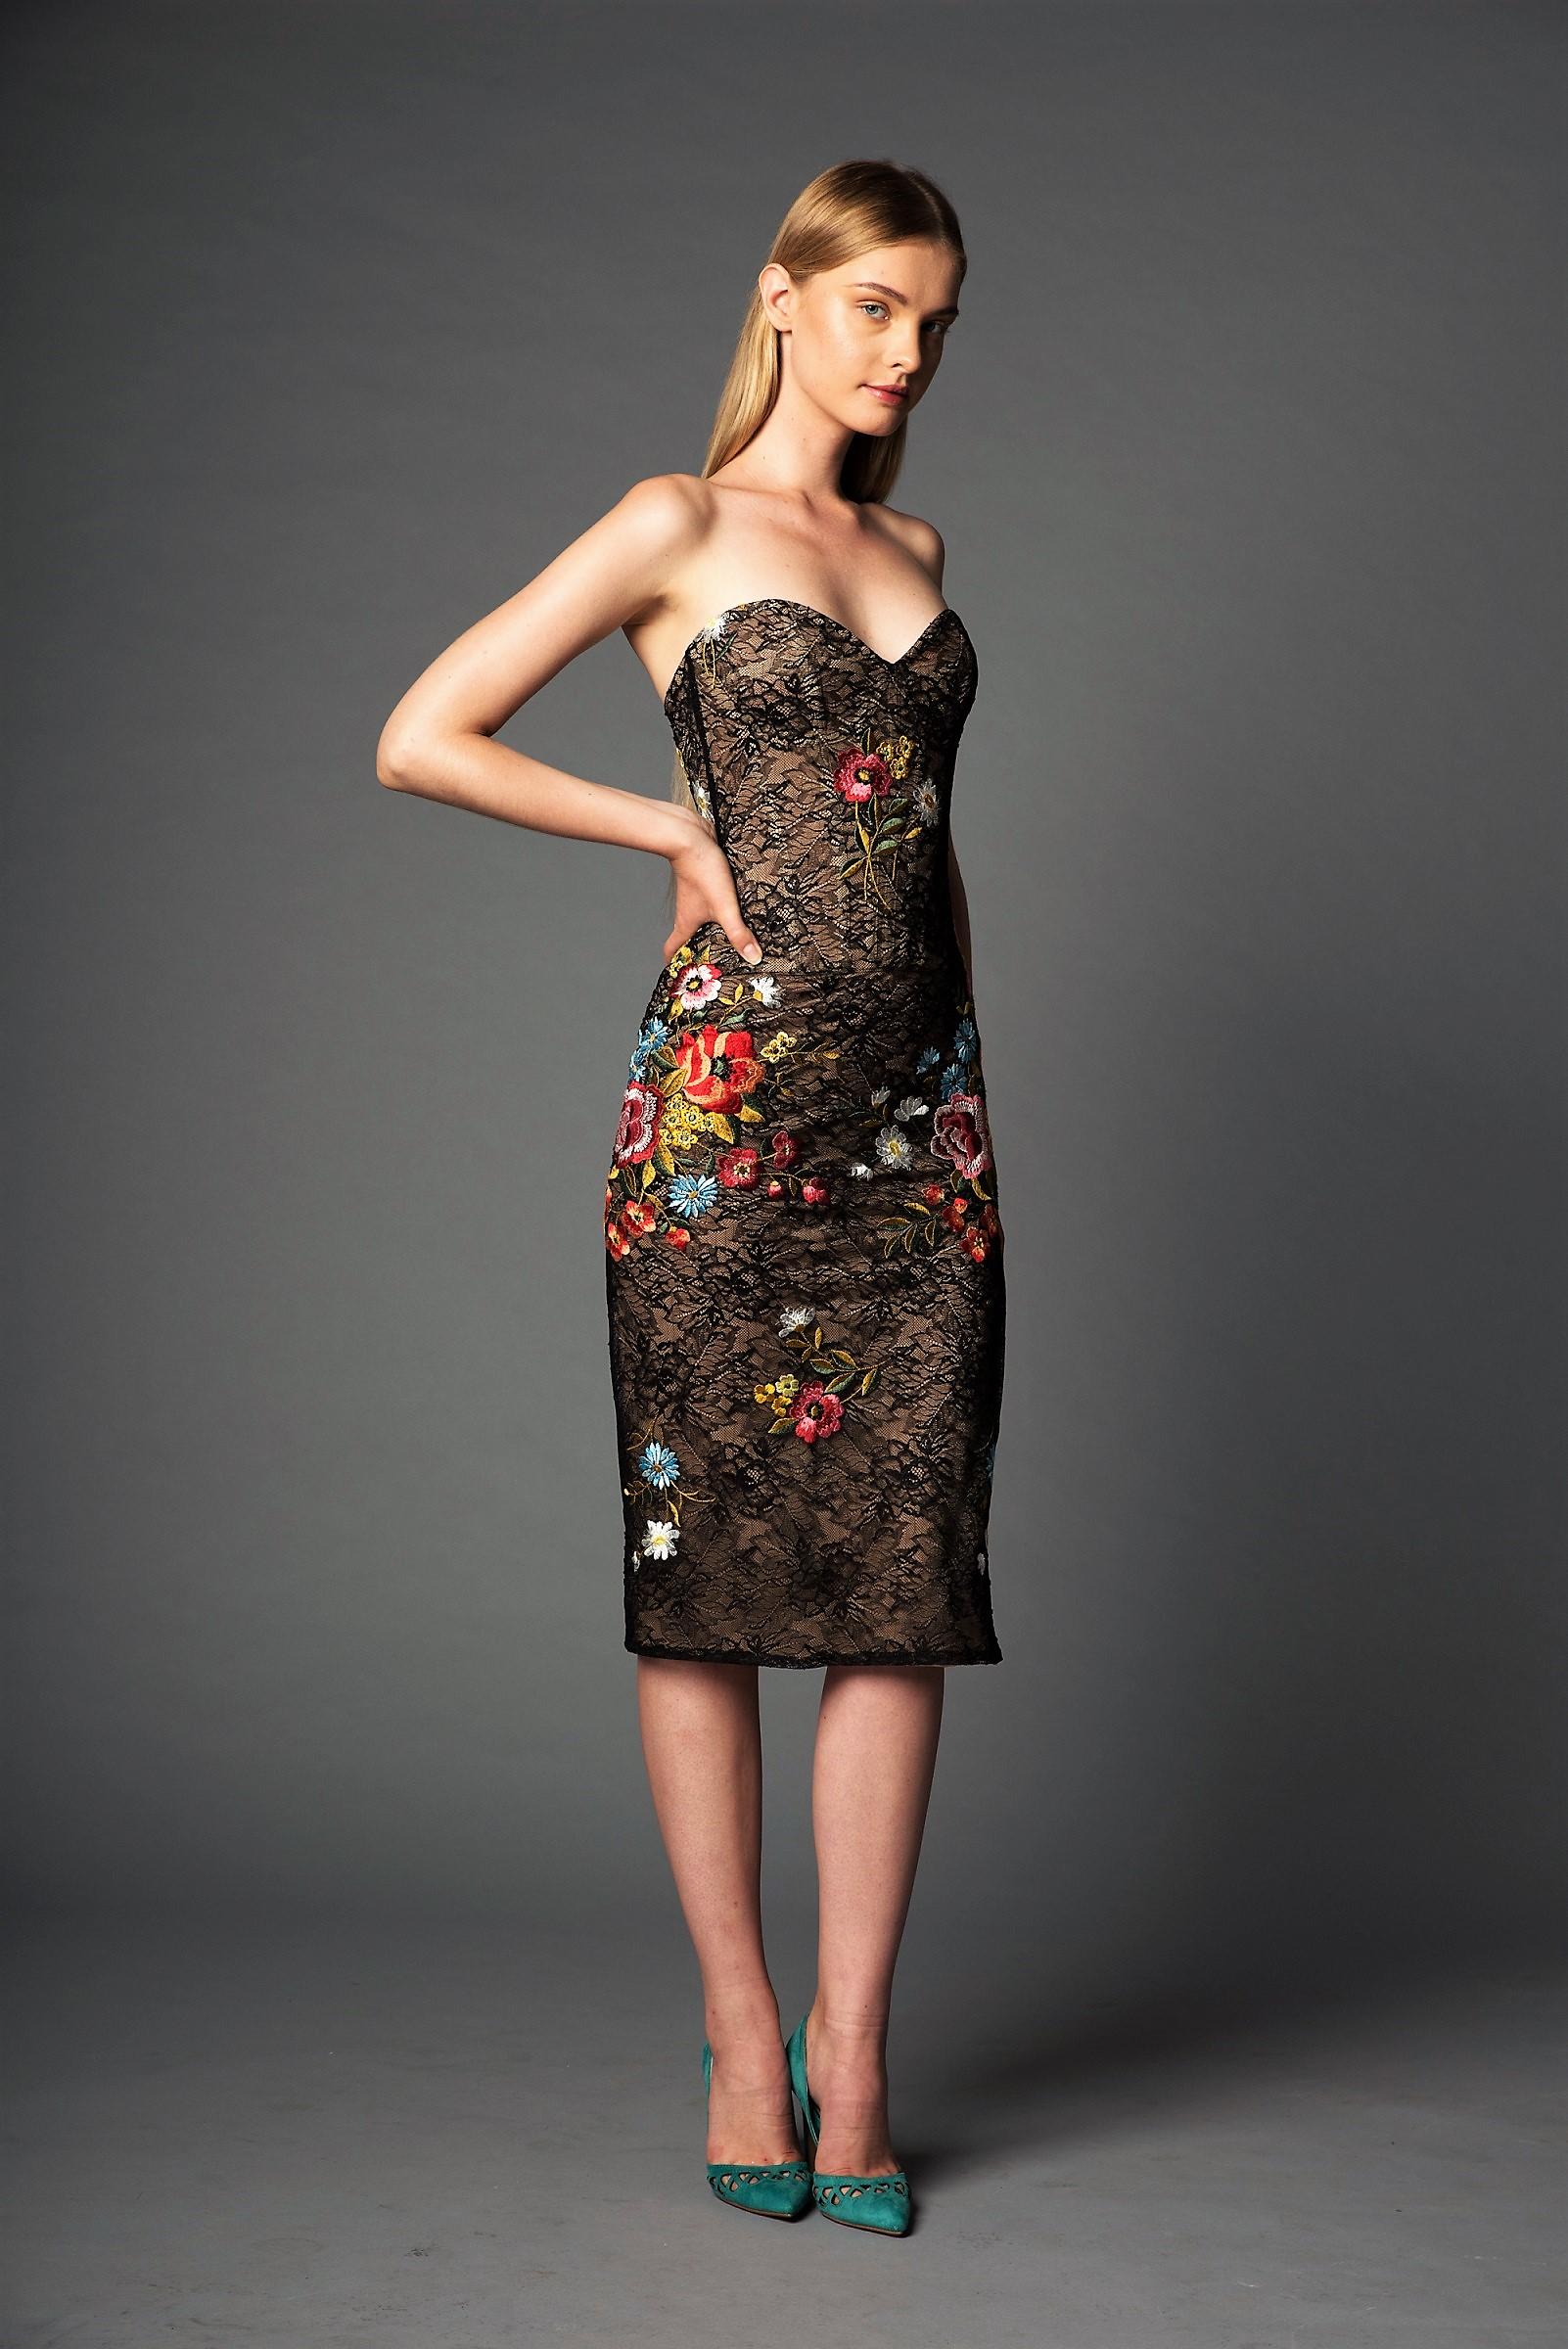 שמלה בעיצוב  ים יאגודייב  5,800 ש״ח (צילום גיא נחום לוי)